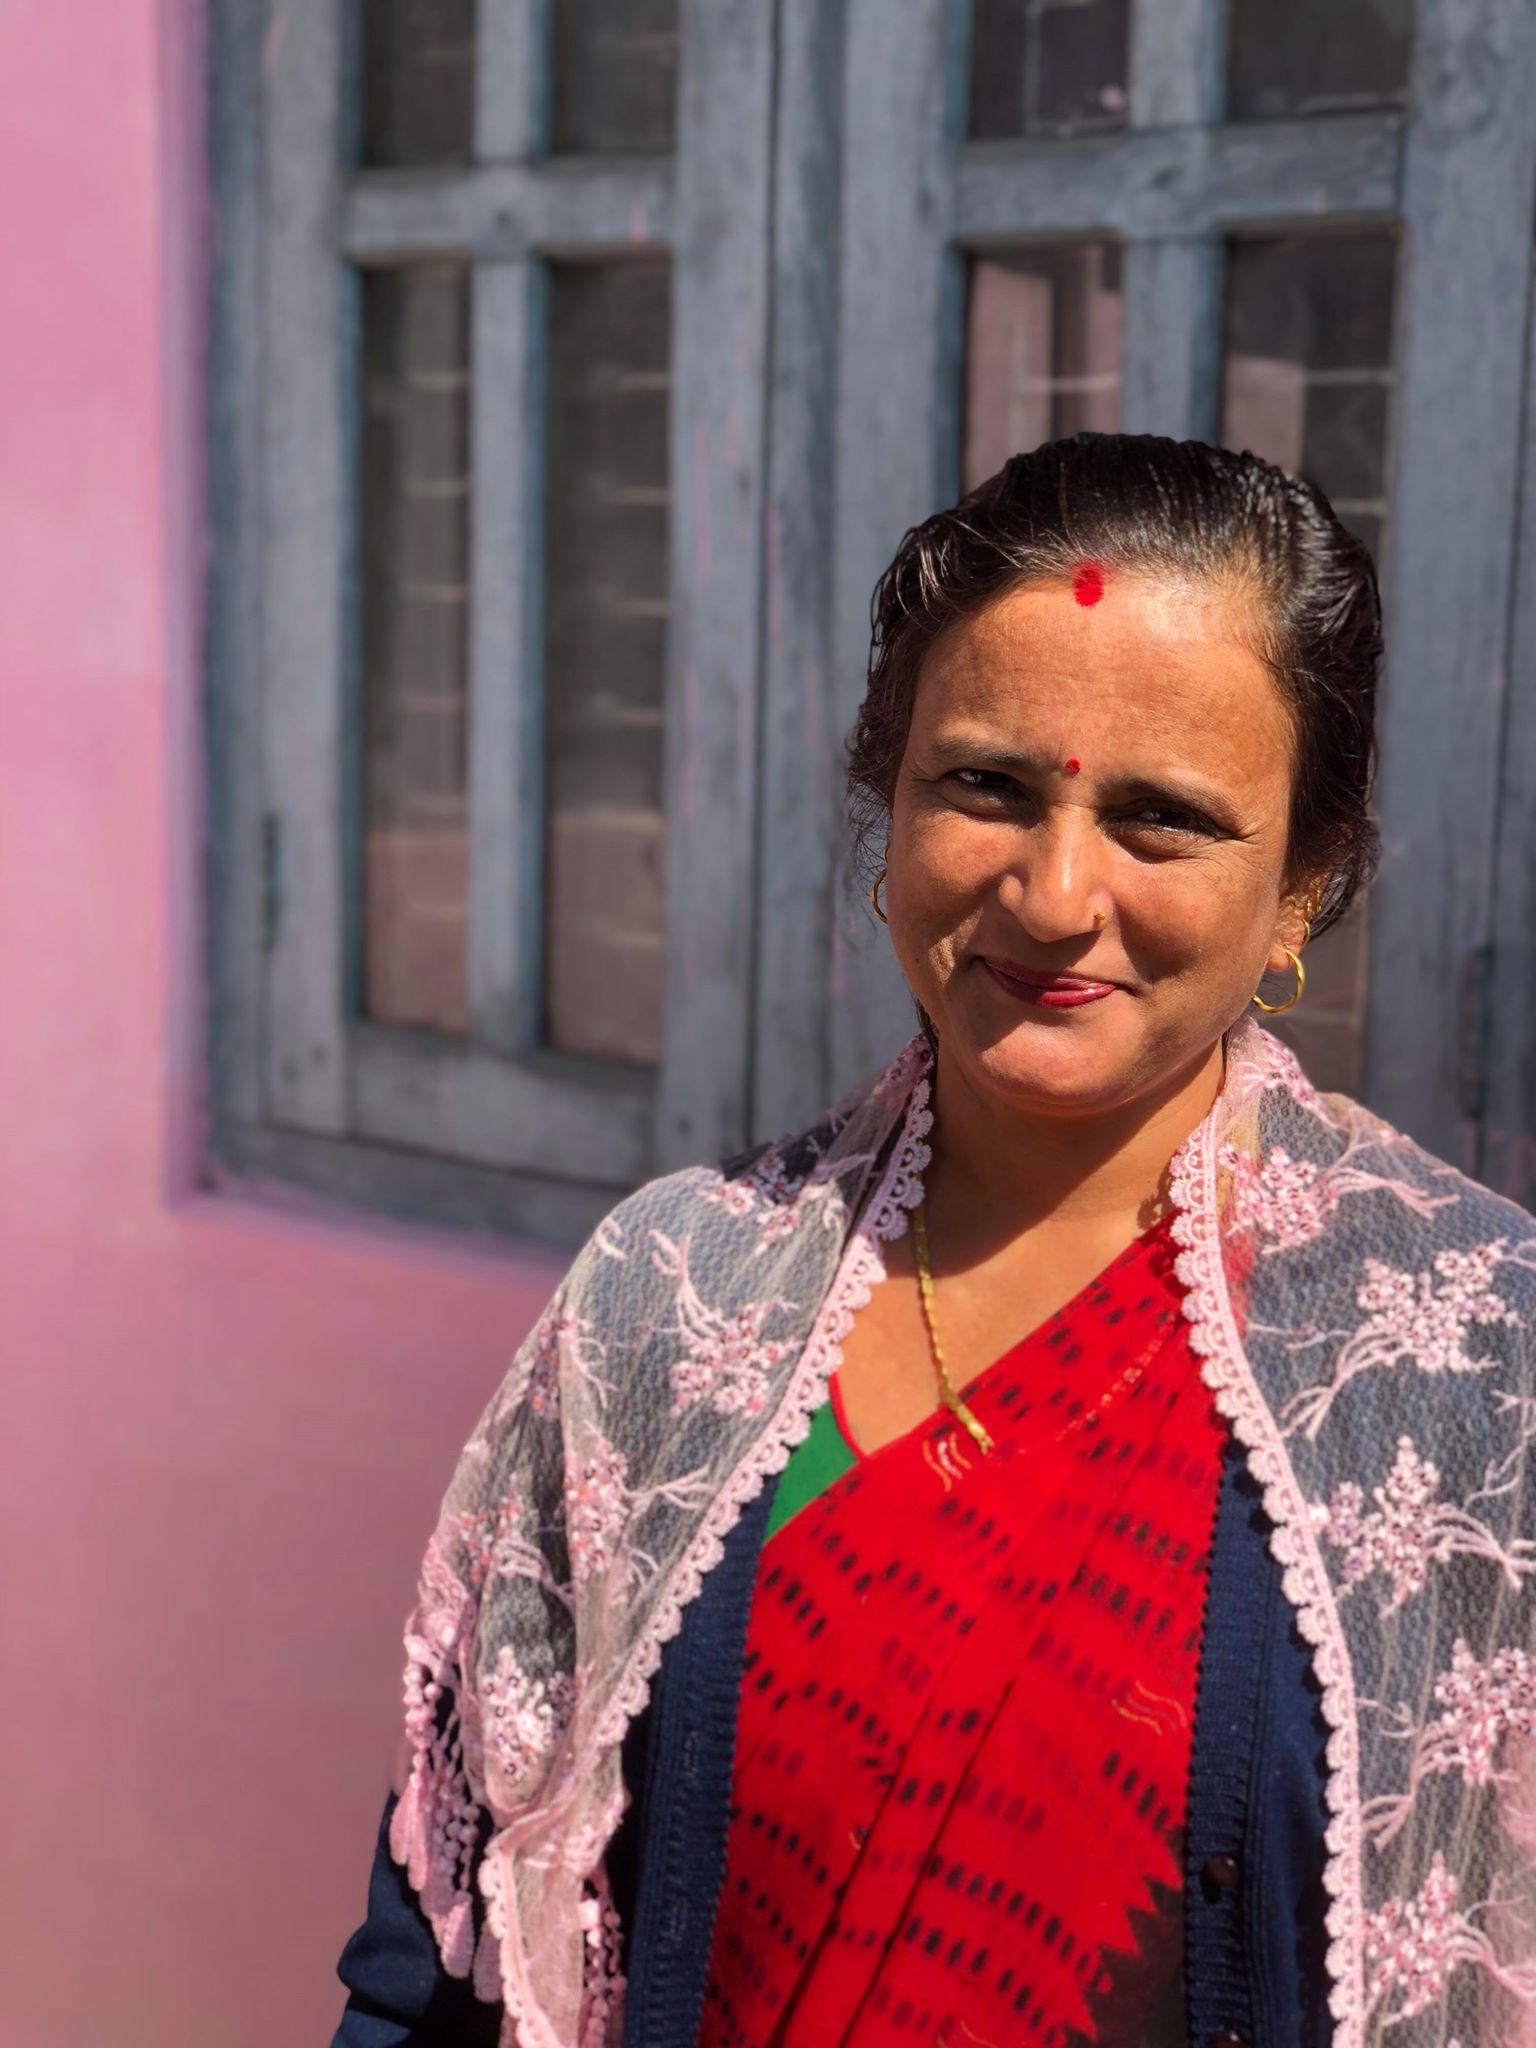 Shobha Devi Sharma Photo: Svanhild Gjeraker